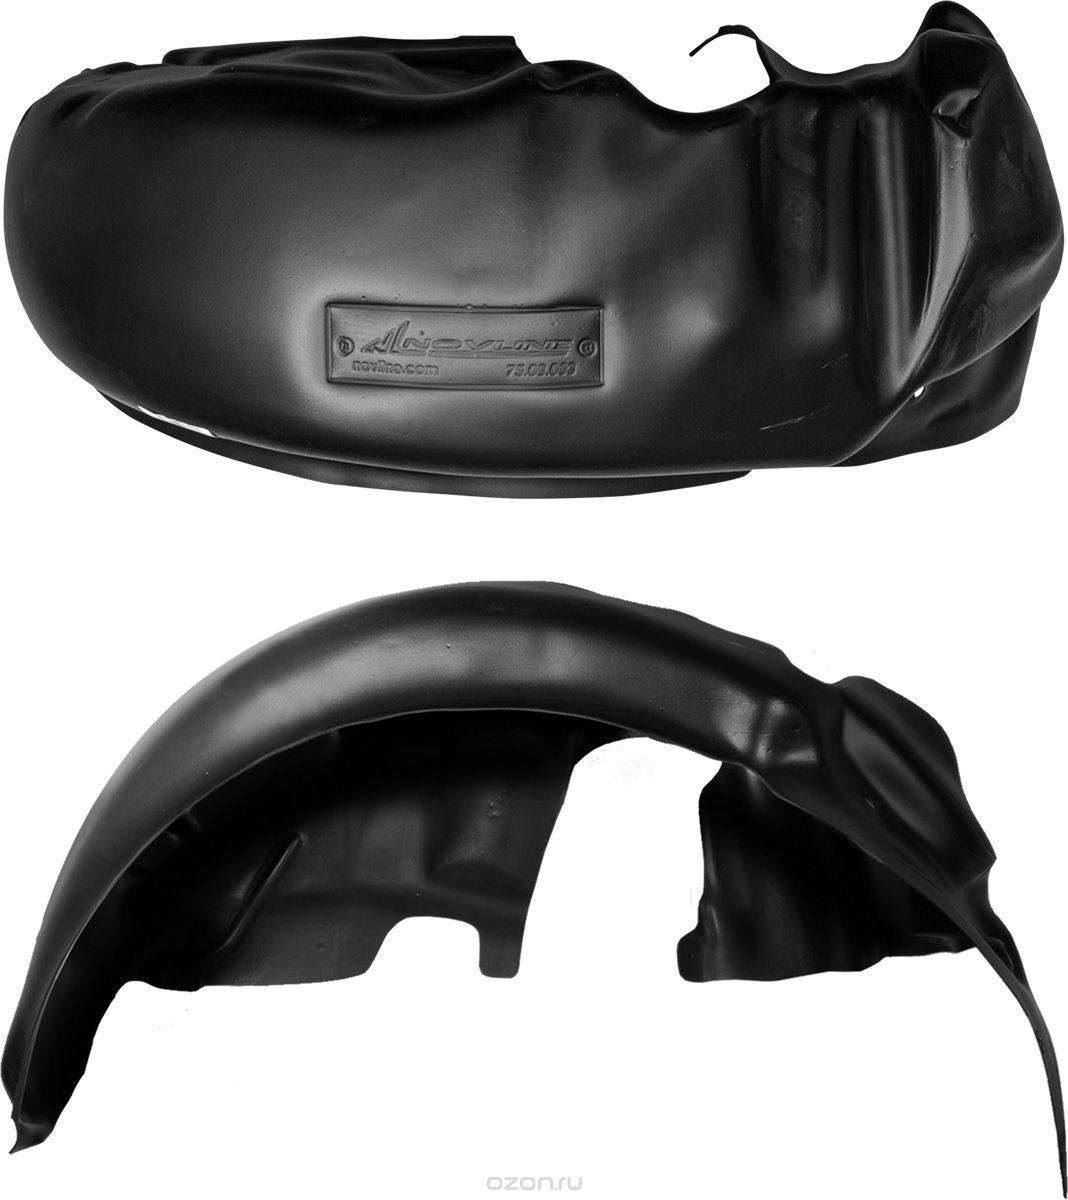 Подкрылок Novline-Autofamily, для LADA Vesta, 2015->, сед., со штатным войлоком, задний правыйNLL.52.34.004Идеальная защита колесной ниши. Локеры разработаны с применением цифровых технологий, гарантируют максимальную повторяемость поверхности арки. Изделия устанавливаются без нарушения лакокрасочного покрытия автомобиля, каждый подкрылок комплектуется крепежом. Уважаемые клиенты, обращаем ваше внимание, что фотографии на подкрылки универсальные и не отражают реальную форму изделия. При этом само изделие идет точно под размер указанного автомобиля.